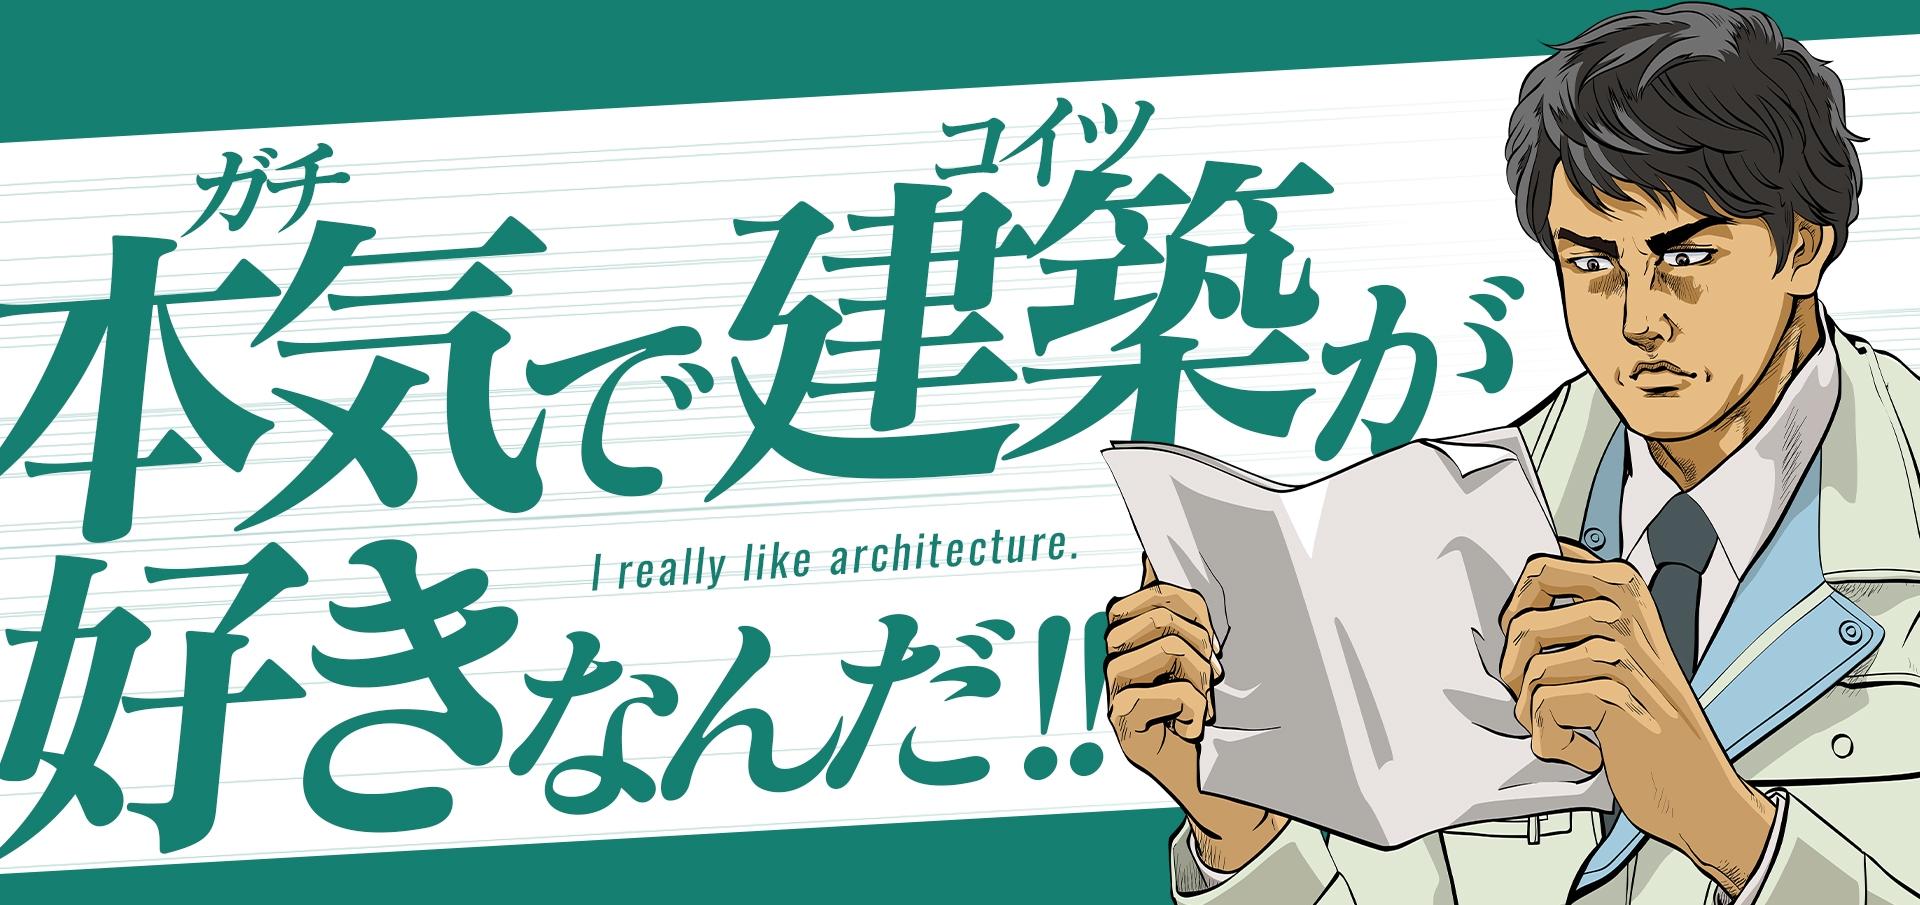 本気(ガチ)で建築(コイツ)が好きなんだ!!